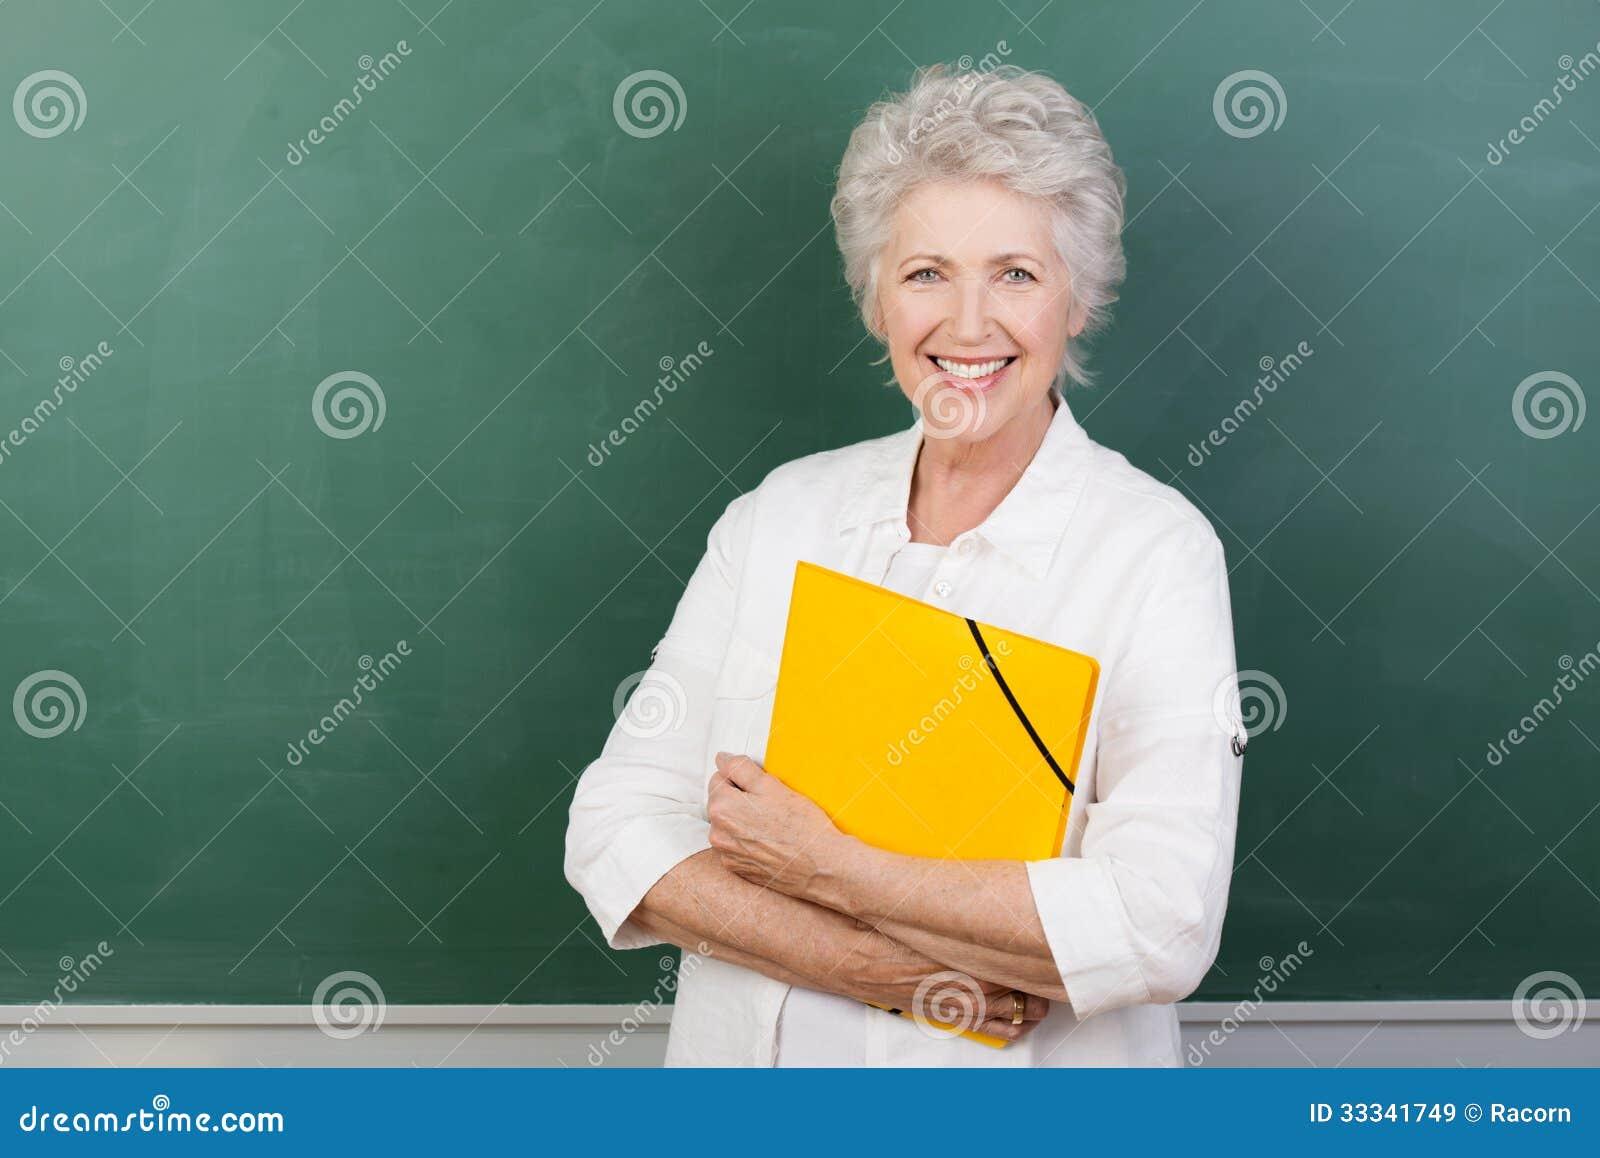 Caucaisna cheerful female senior teacher